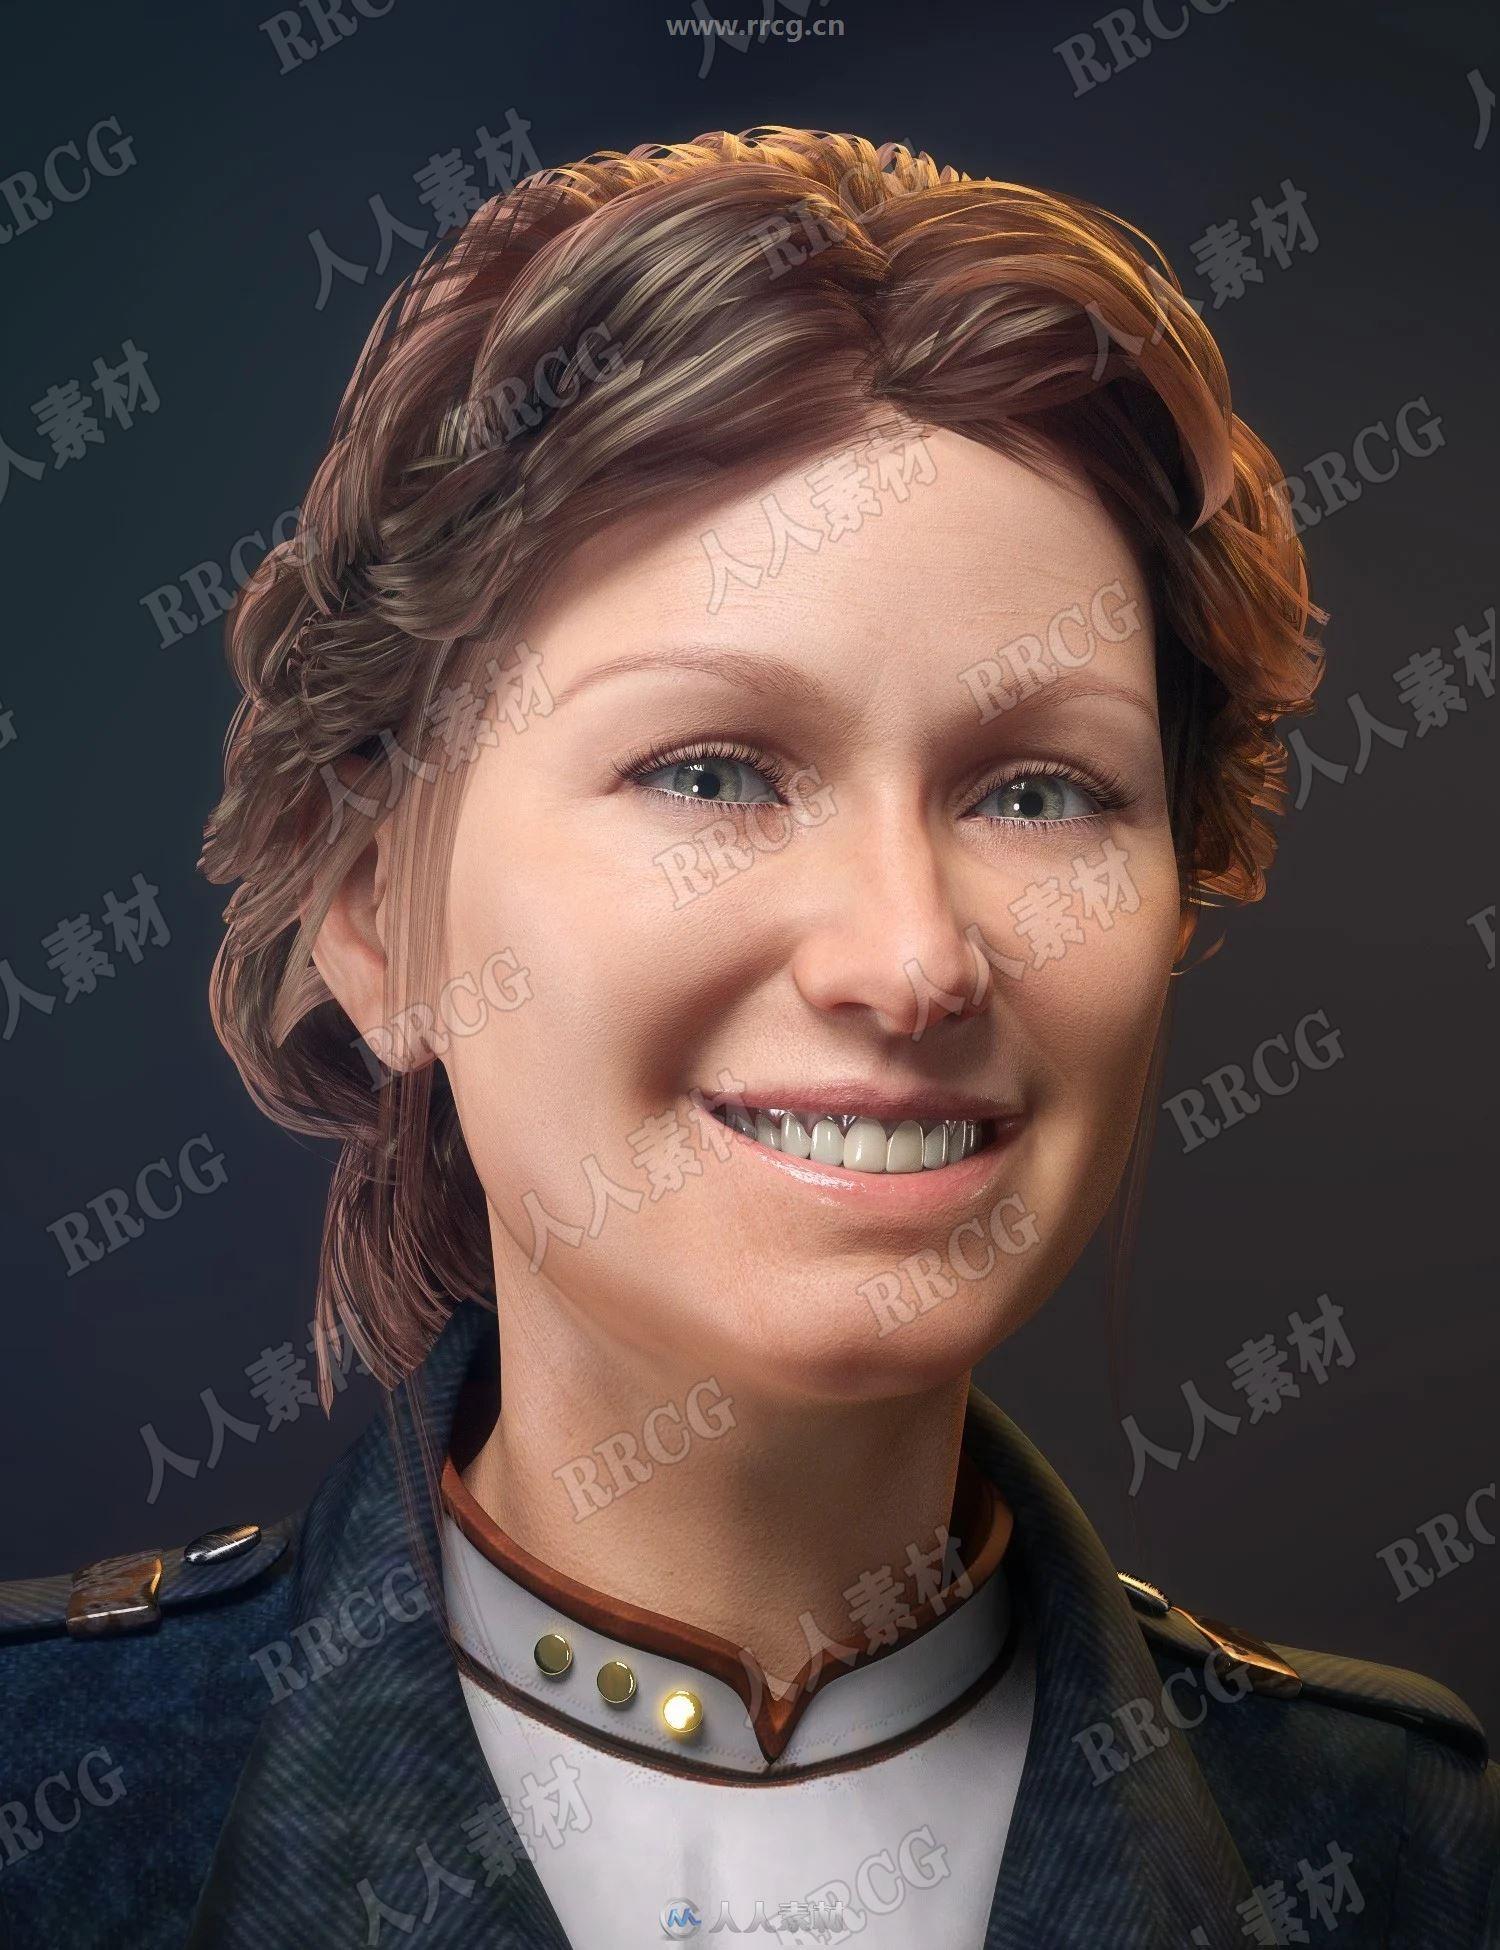 Aubrey 8 Pro经典女性角色3D模型合集